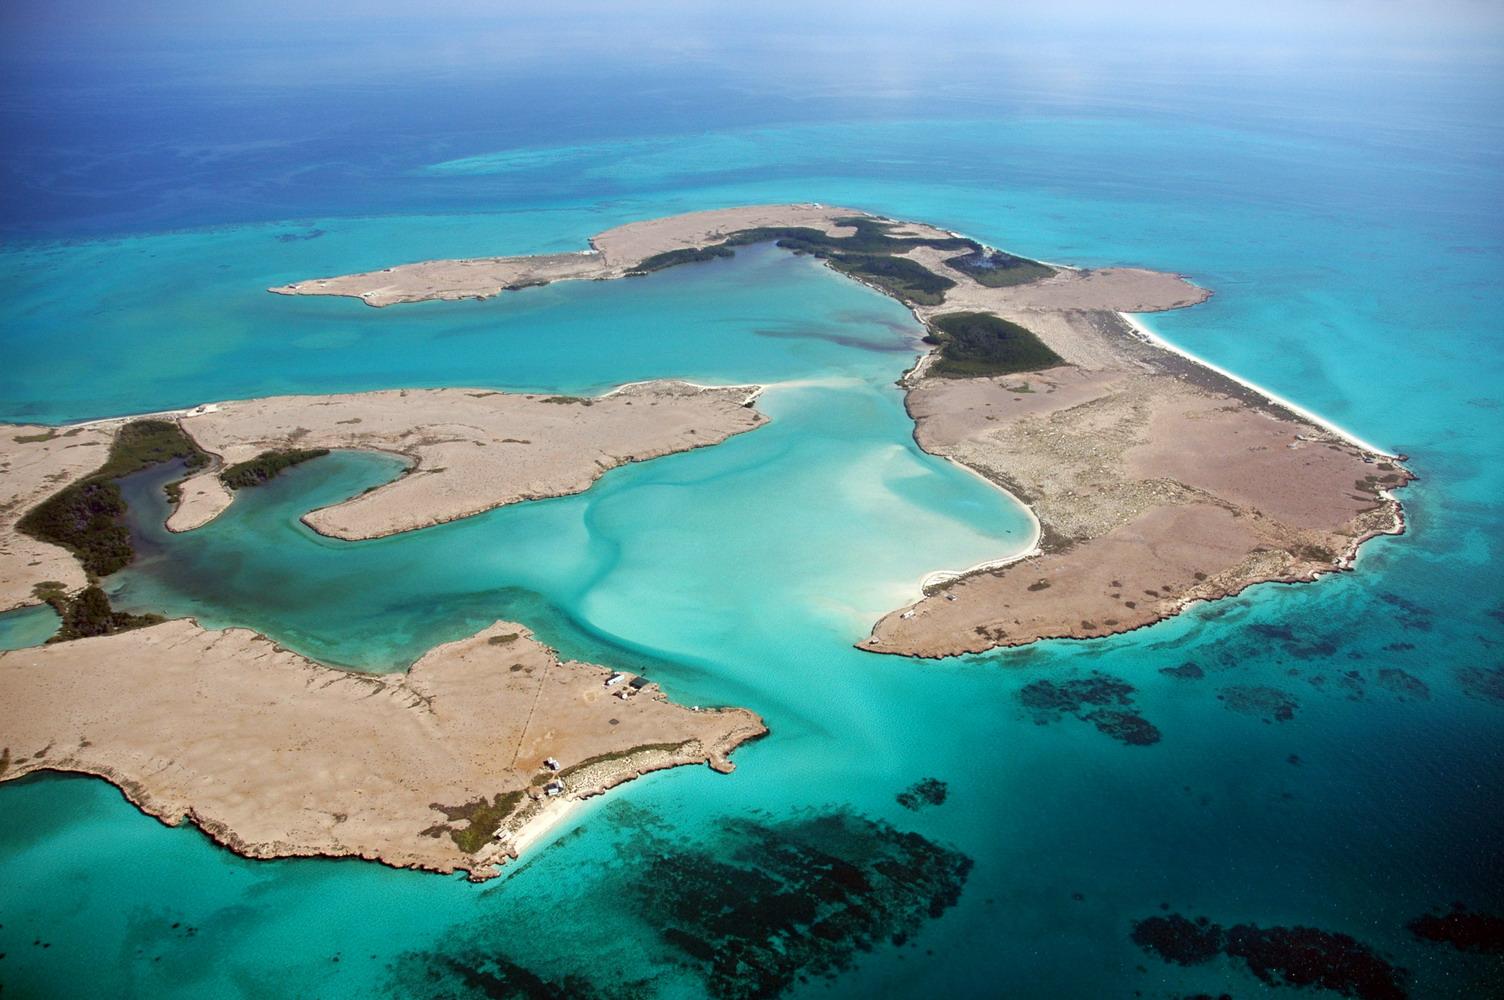 L'environnement Au Service Du Contrôle Du Territoire Djiboutien